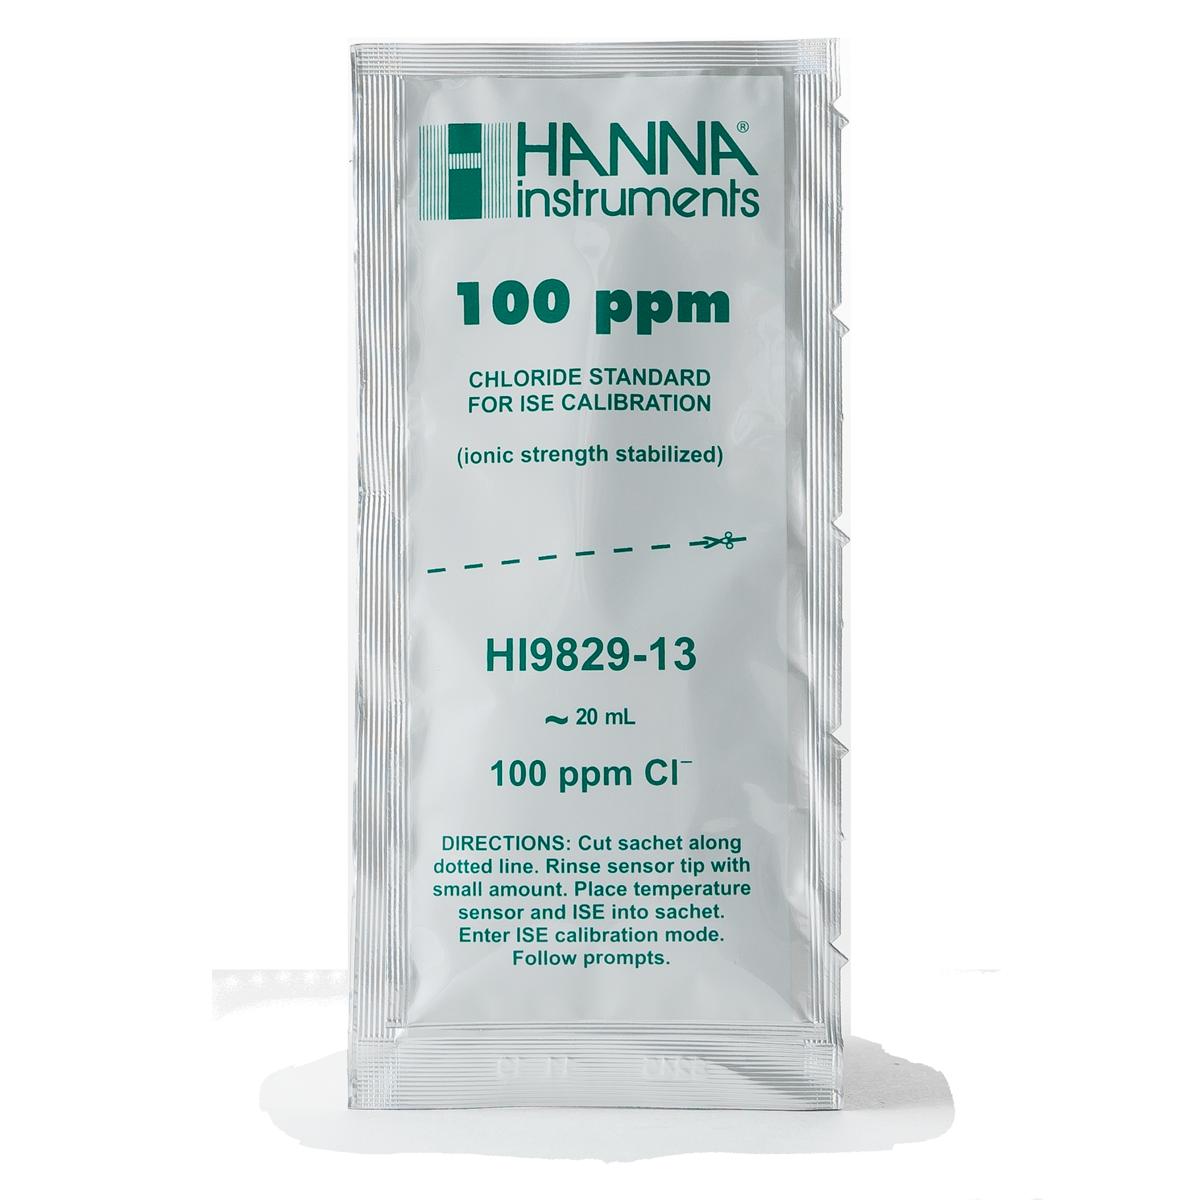 Sobres de Solución Estándar de Calibración de Cloruro de 100 ppm para HI9829 (25 x 25 mL) - HI9829-13